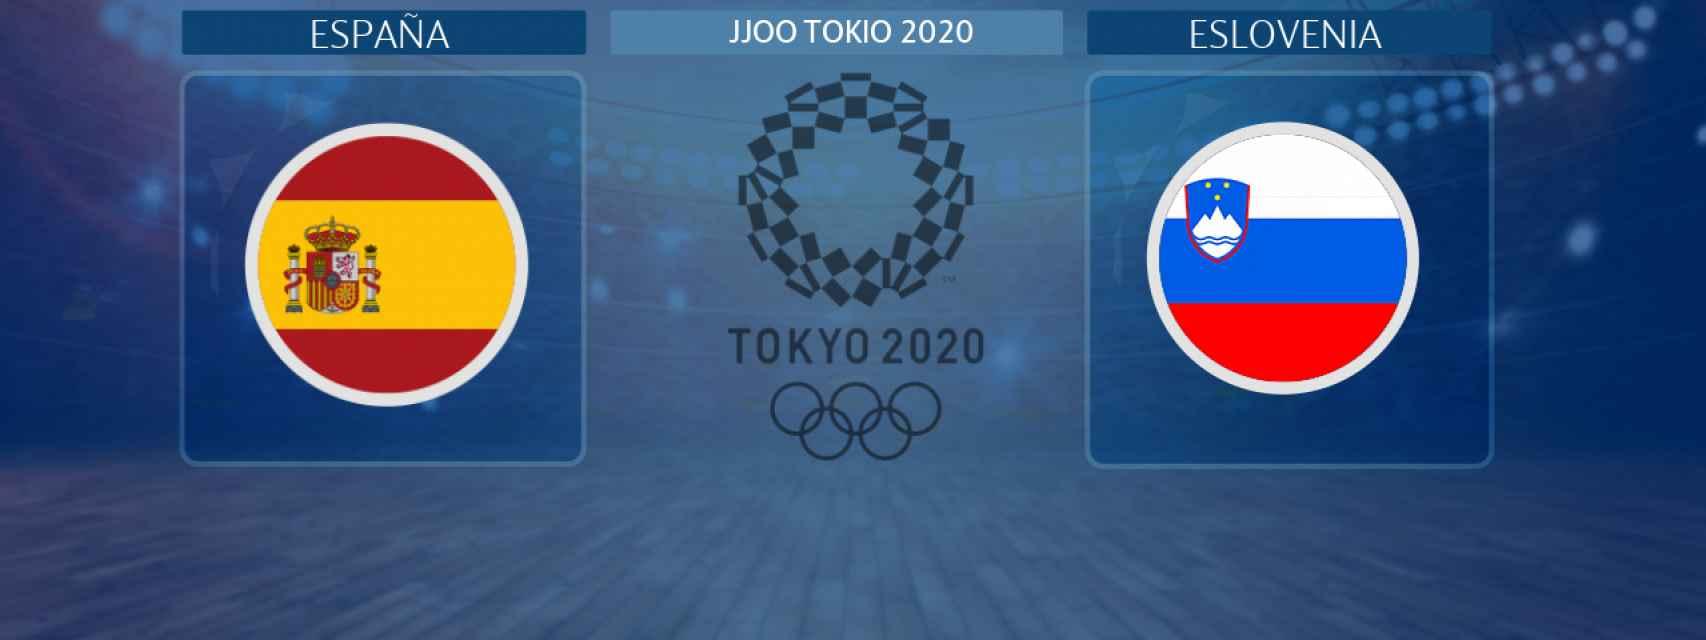 España - Eslovenia, partido de baloncesto masculino de los JJOO Tokio 2020